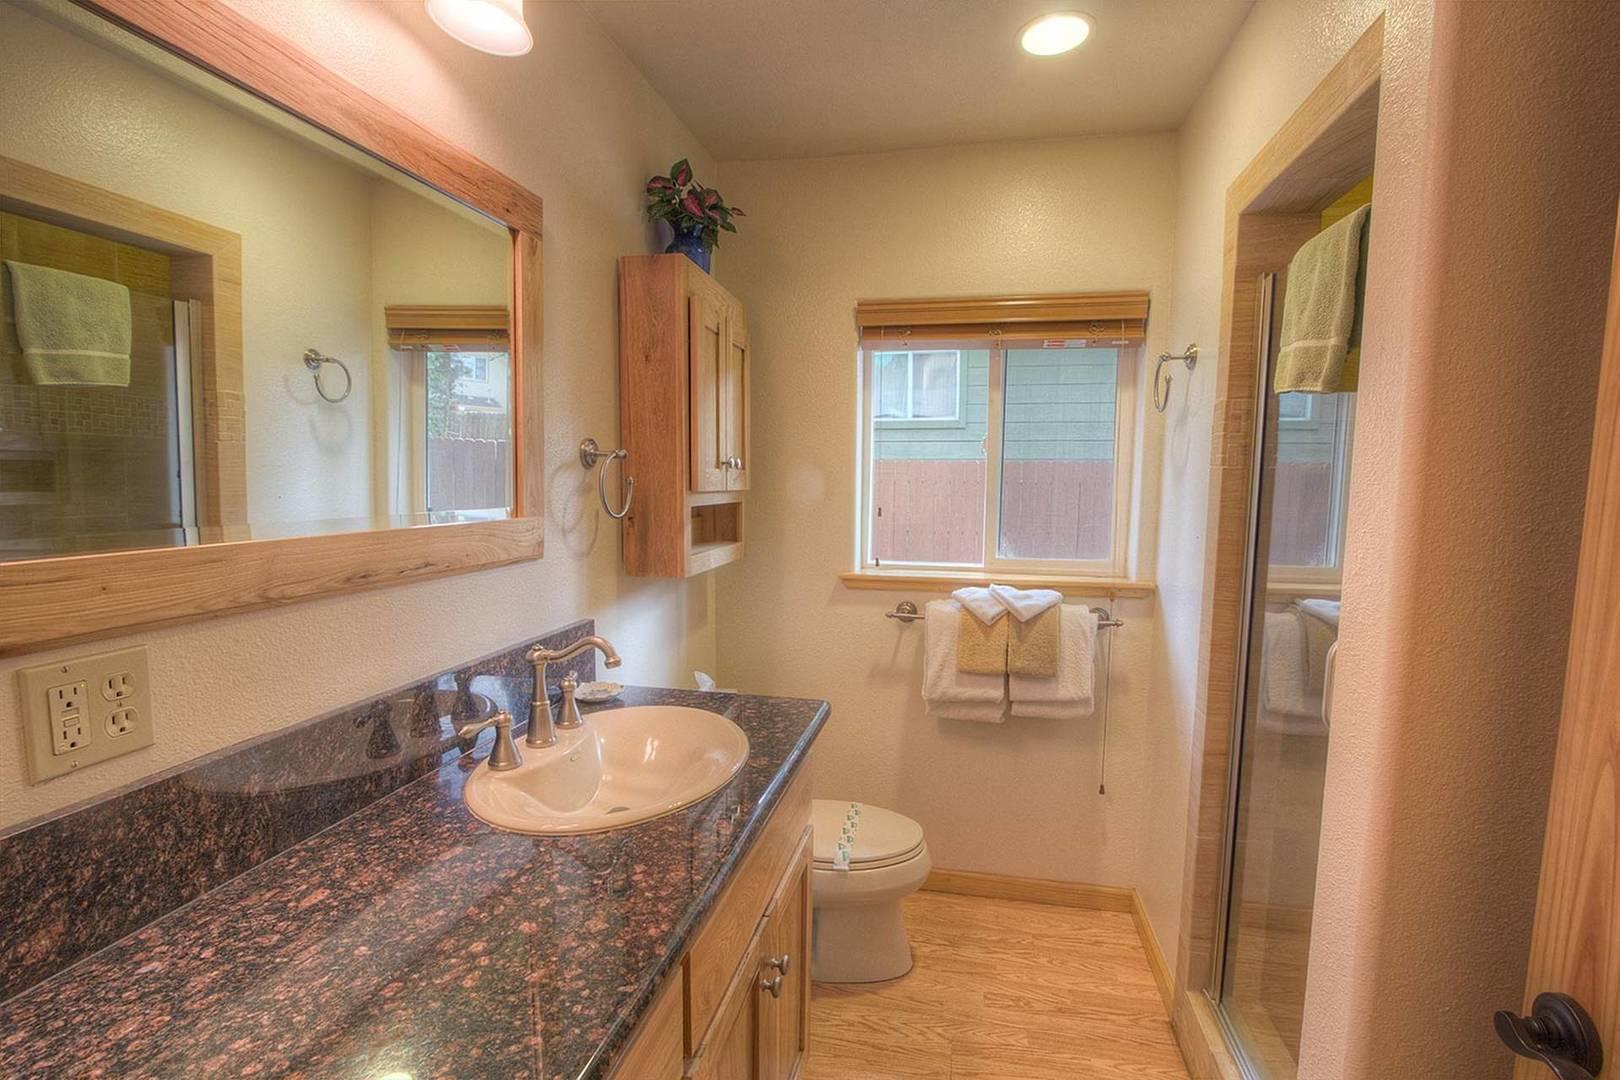 cyh0814 bathroom